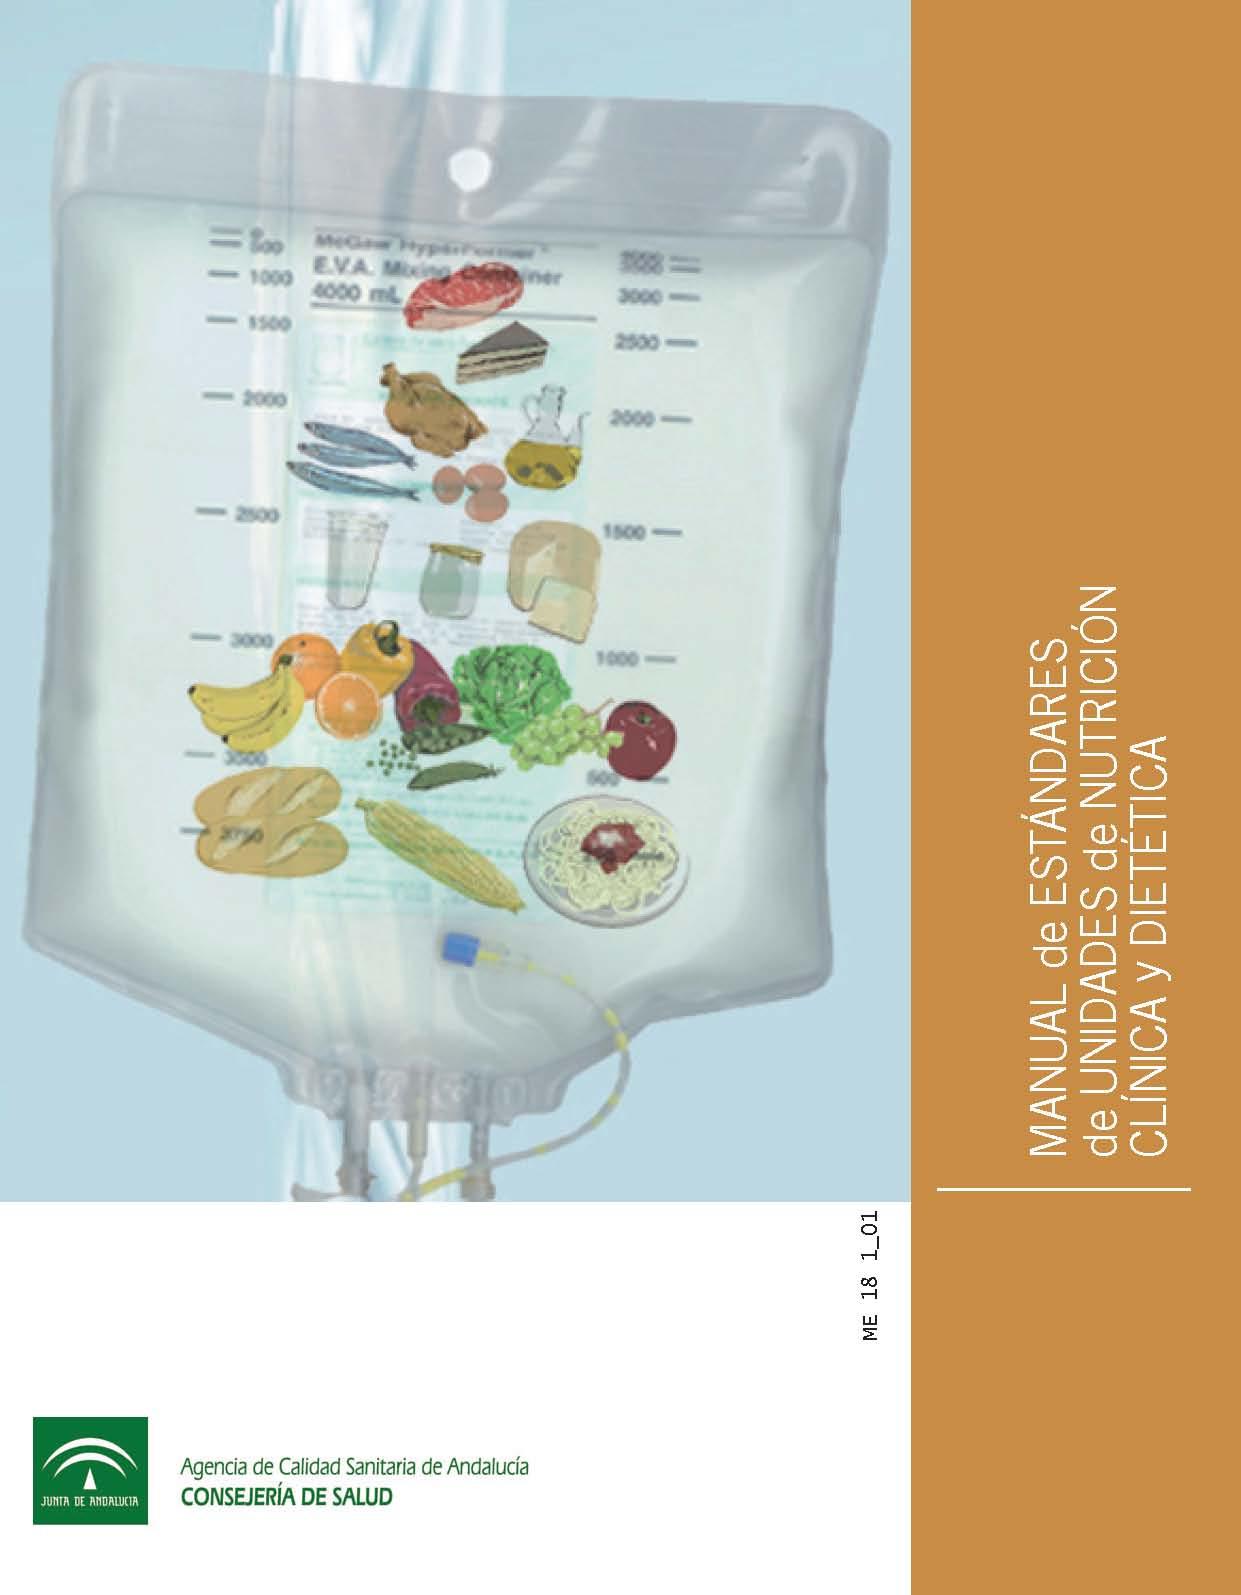 Unidades de Nutrición Clínica y Dietética